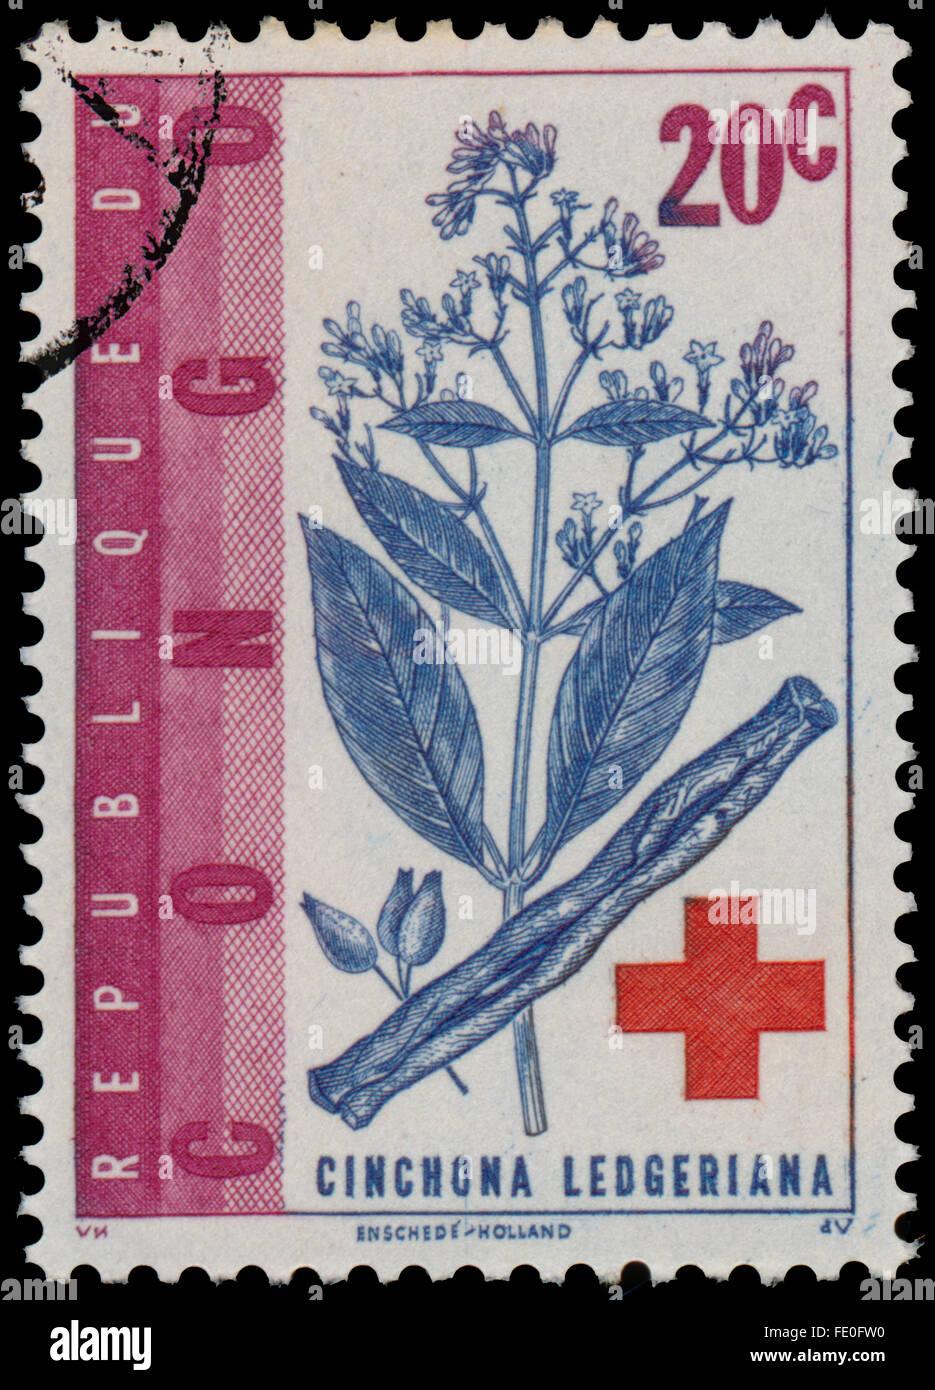 CONGO - circa 1963: un timbro stampato in Congo mostra China ledgeriana e la croce rossa Immagini Stock